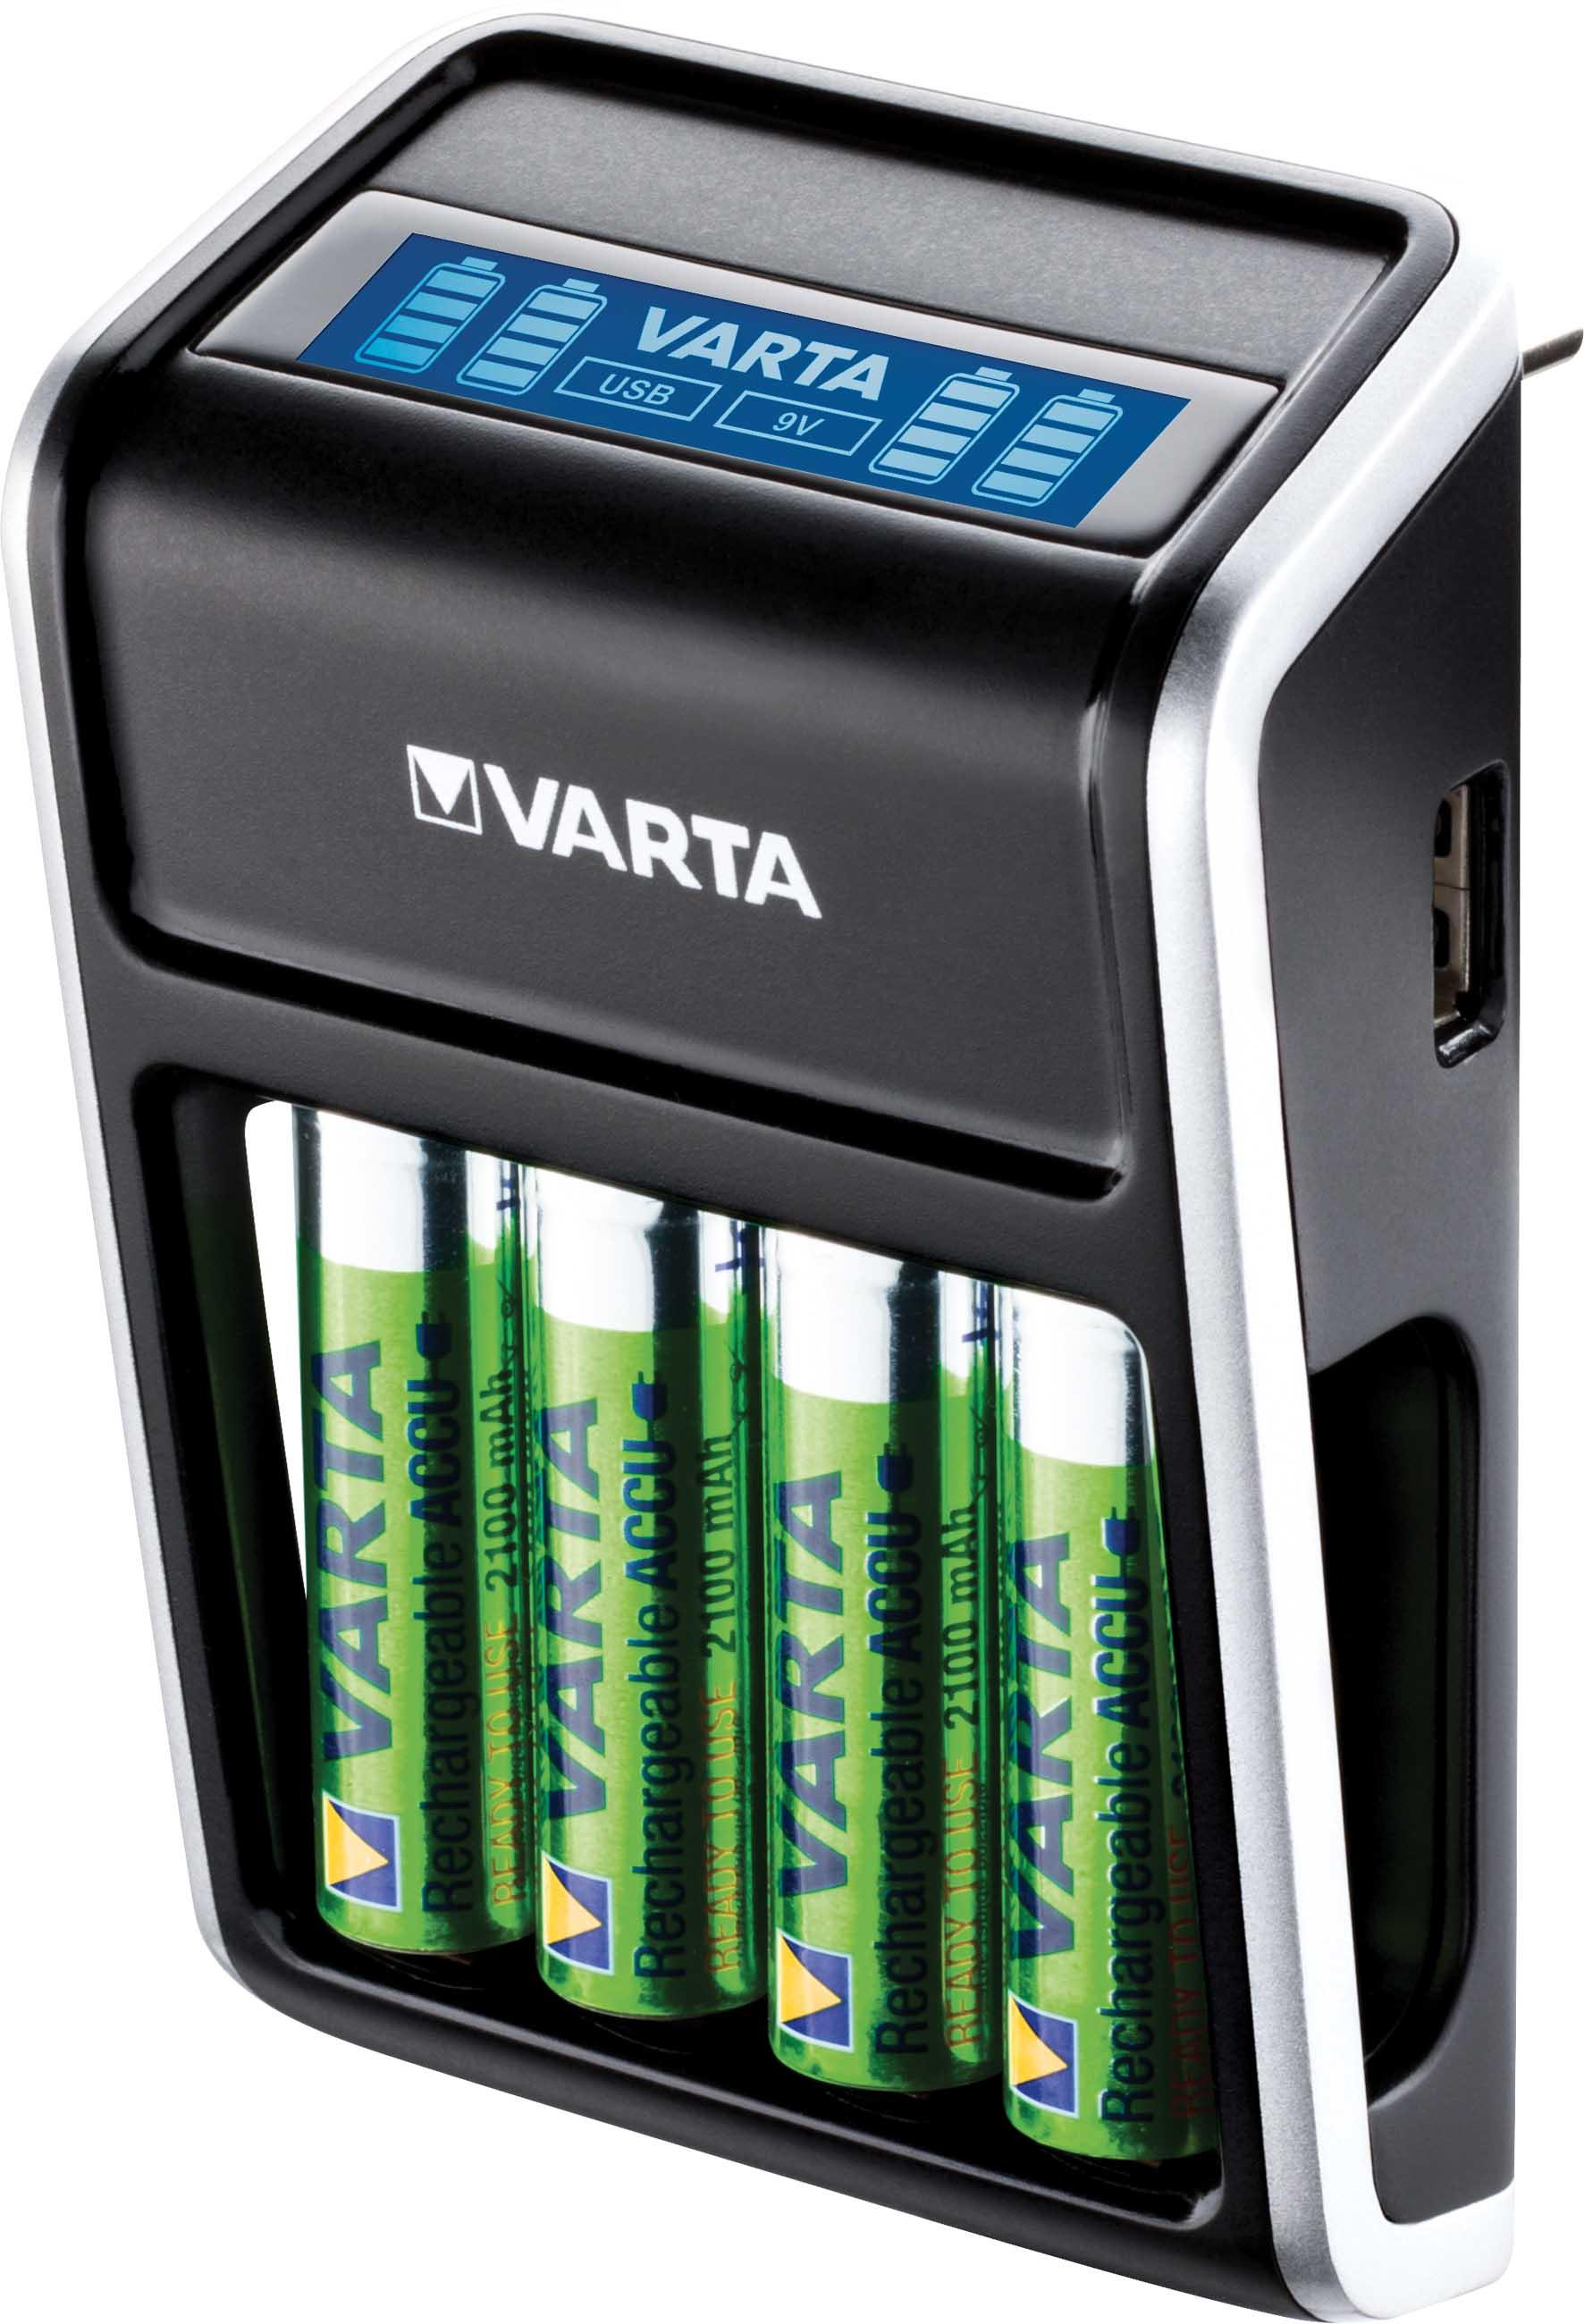 Varta LCD Plug Charger 1